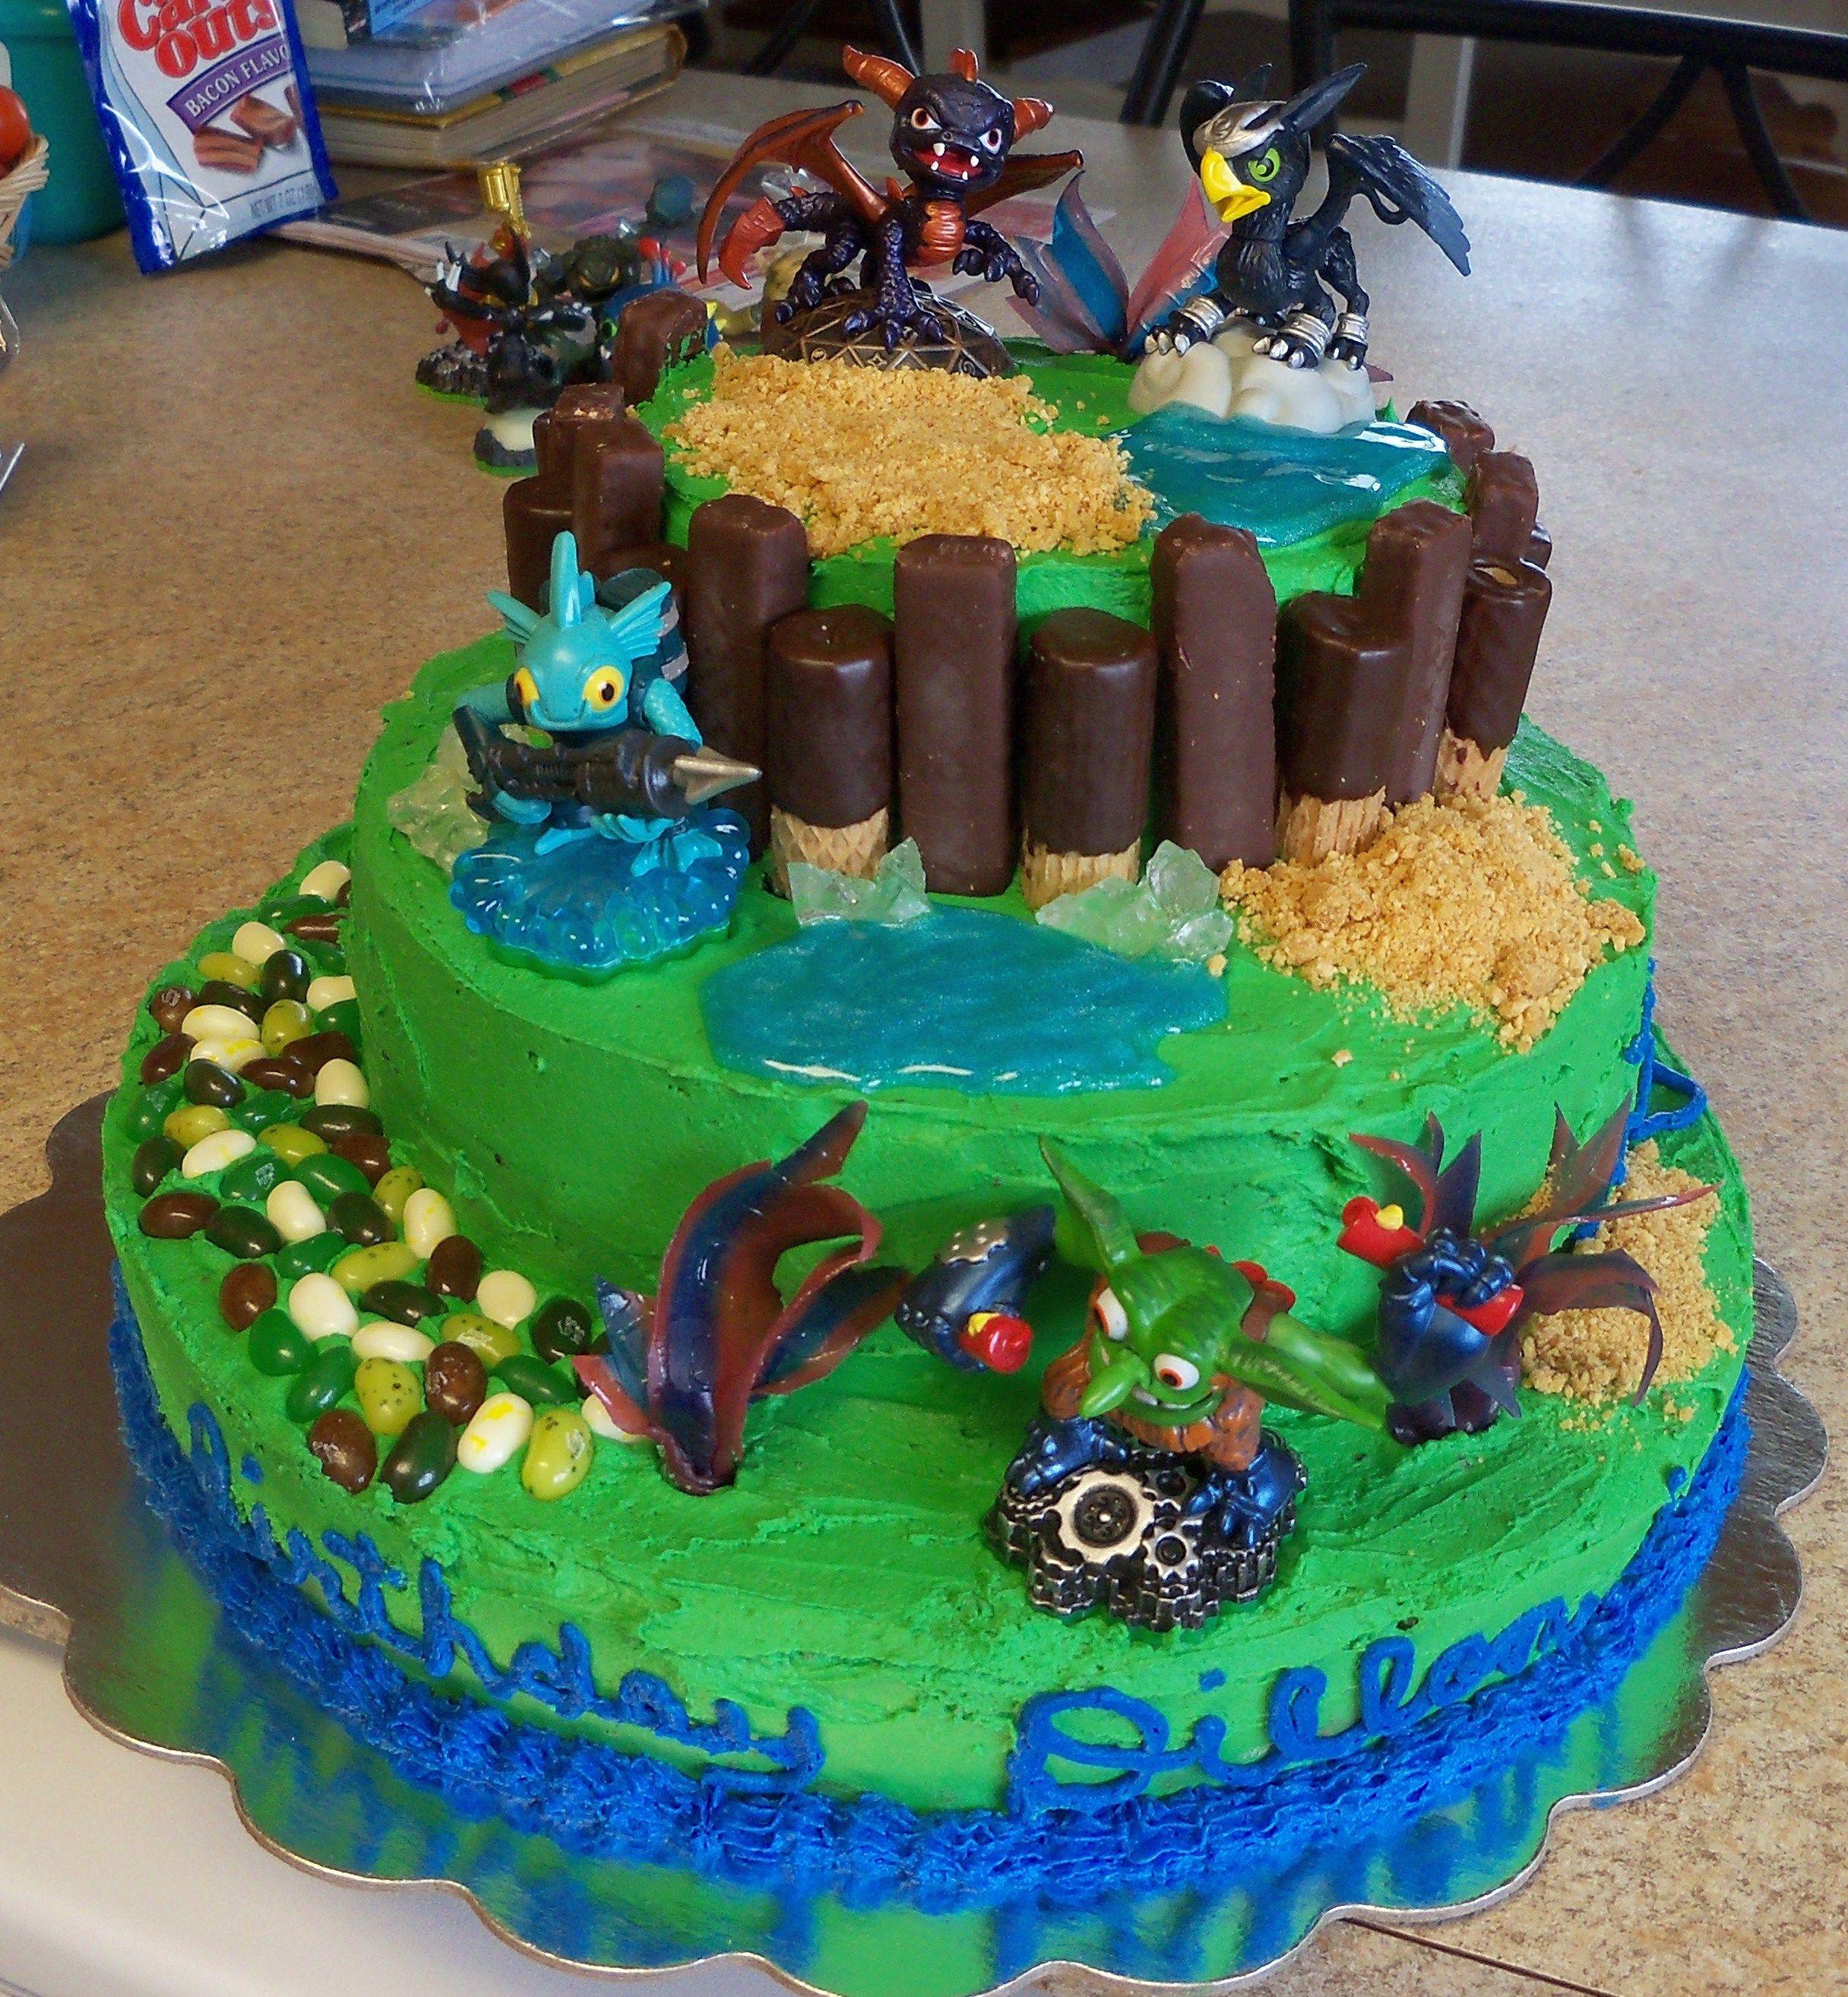 Skylanders Cake Cakes Pinterest Skylanders Cake and Birthdays